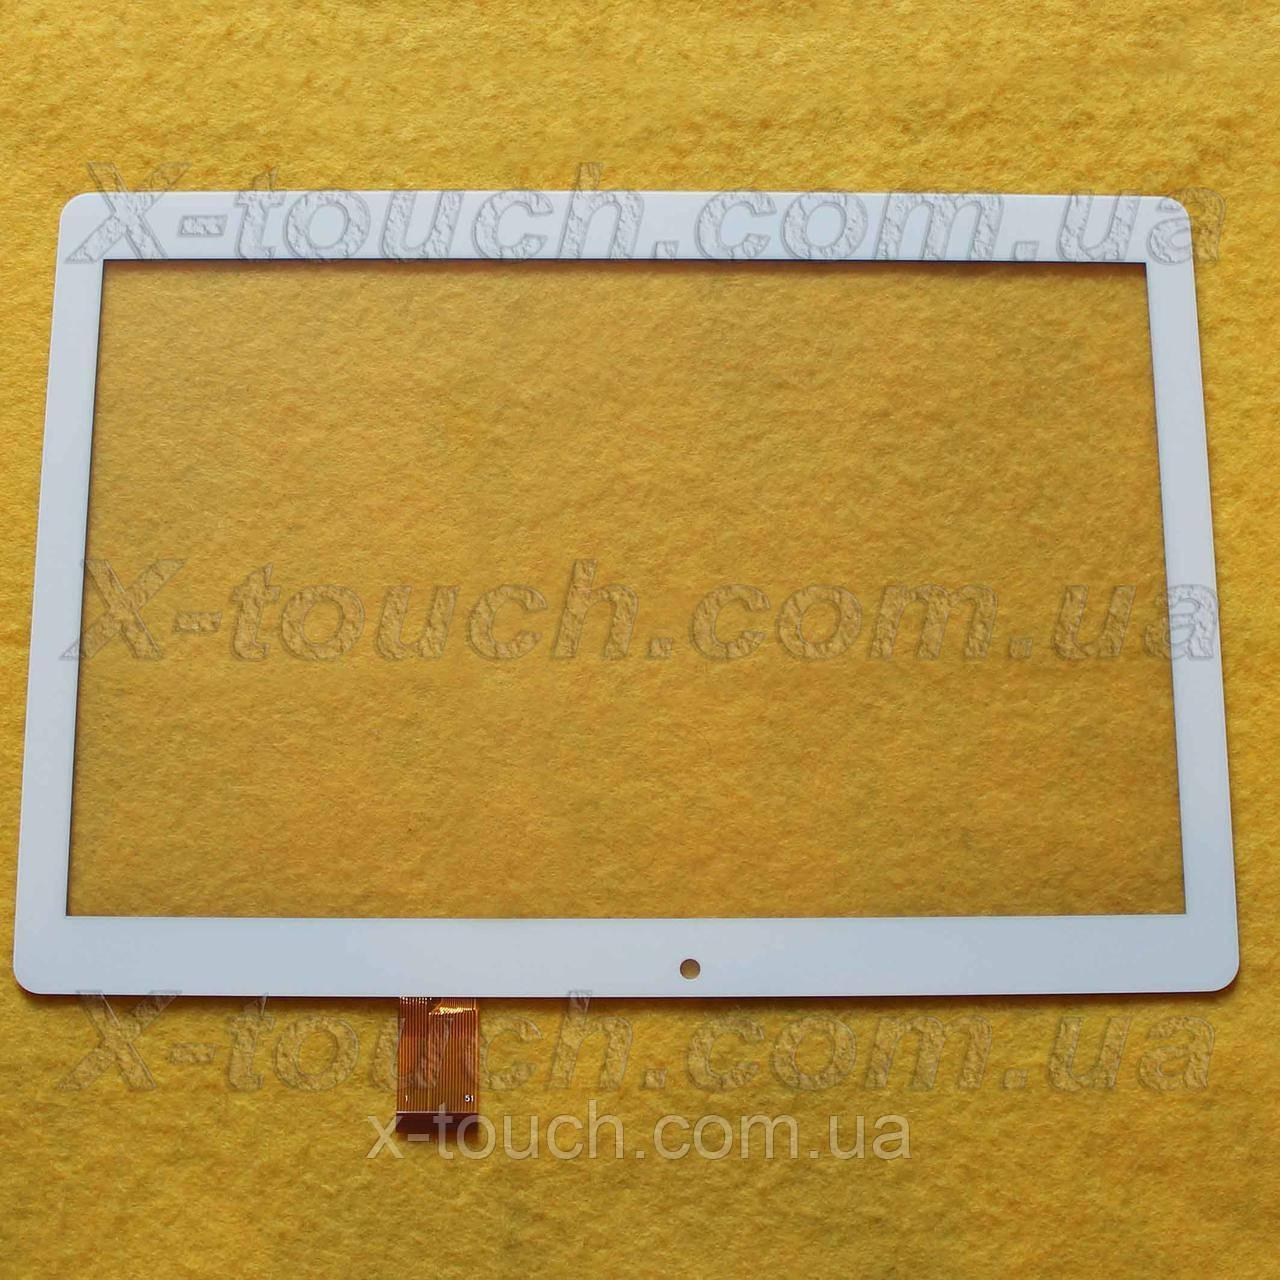 Тачскрін, сенсор HZYCTP-101886A для планшета, білого кольору.